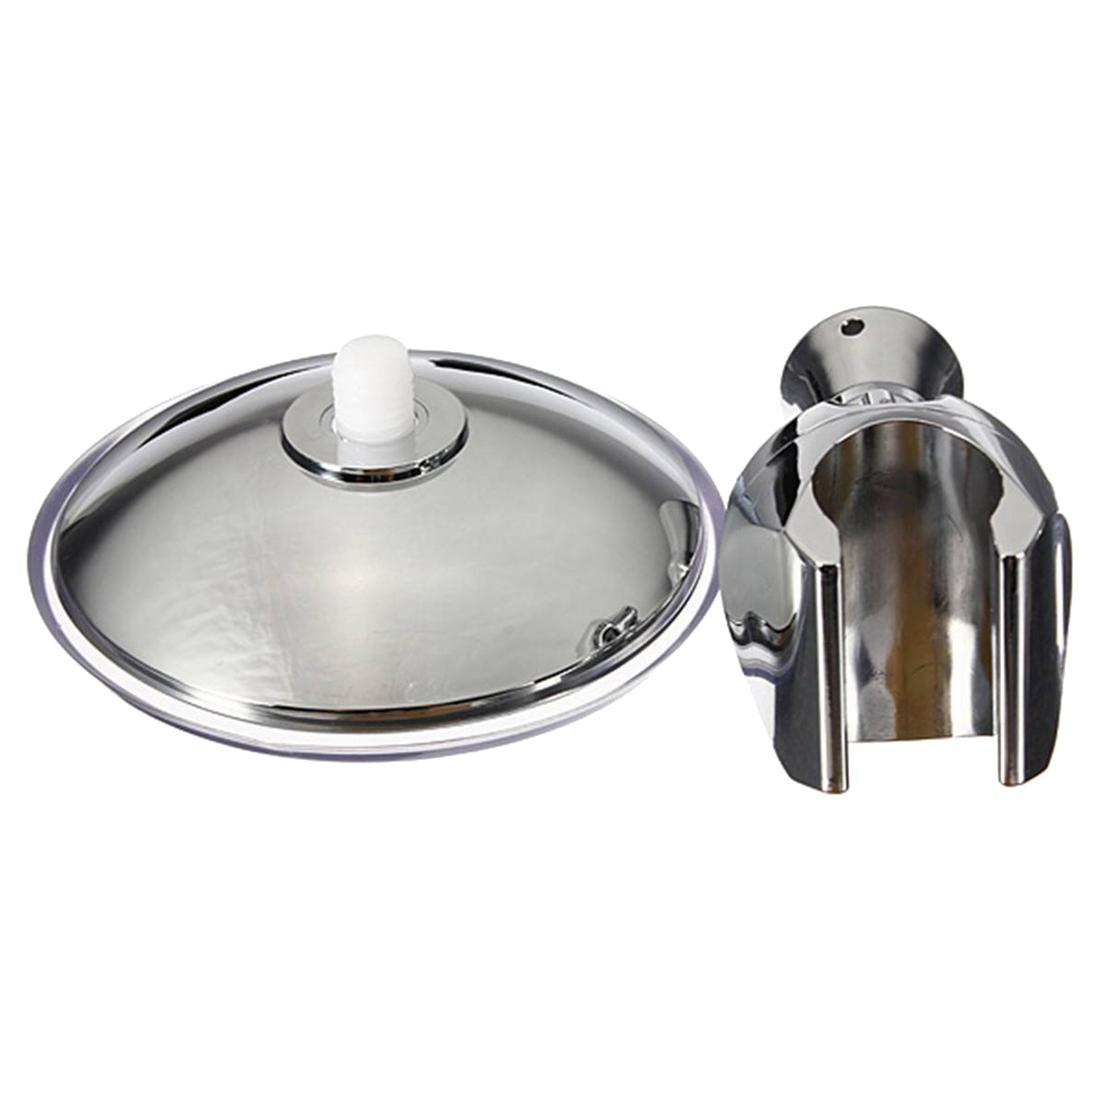 Dusche Halter Ohne Bohren : M9 Saugnapf Duschkopf halter Duschkopfhalterung Dusche Wandhalter